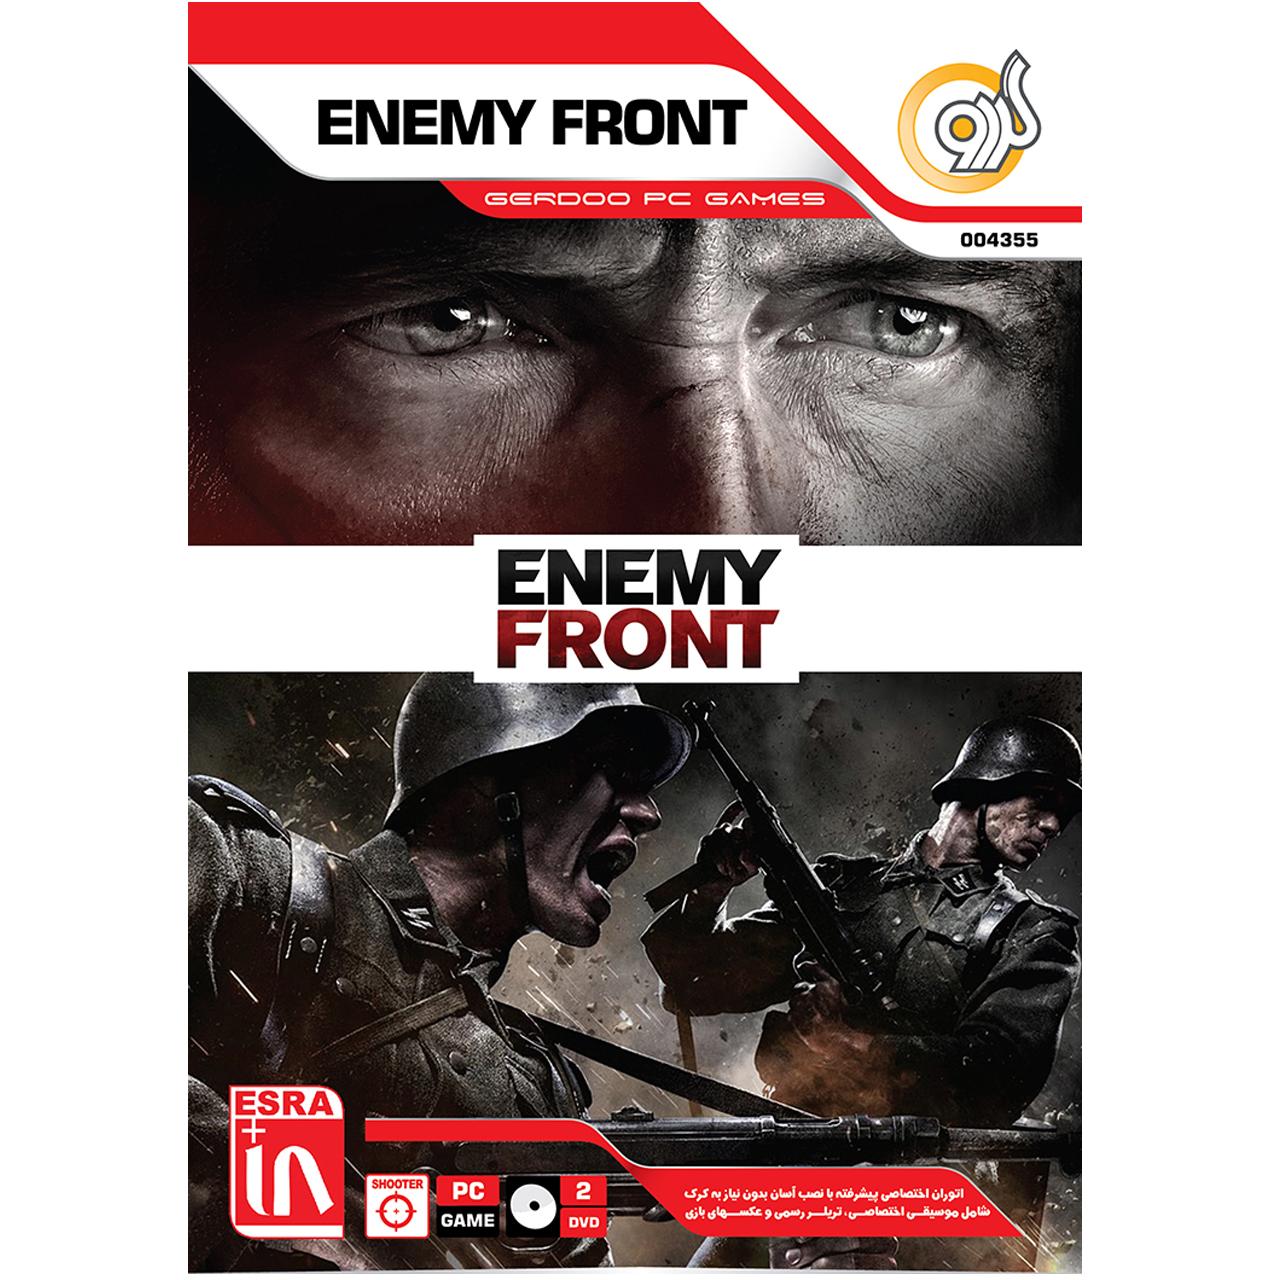 بازی گردو Enemy Front مخصوص PC